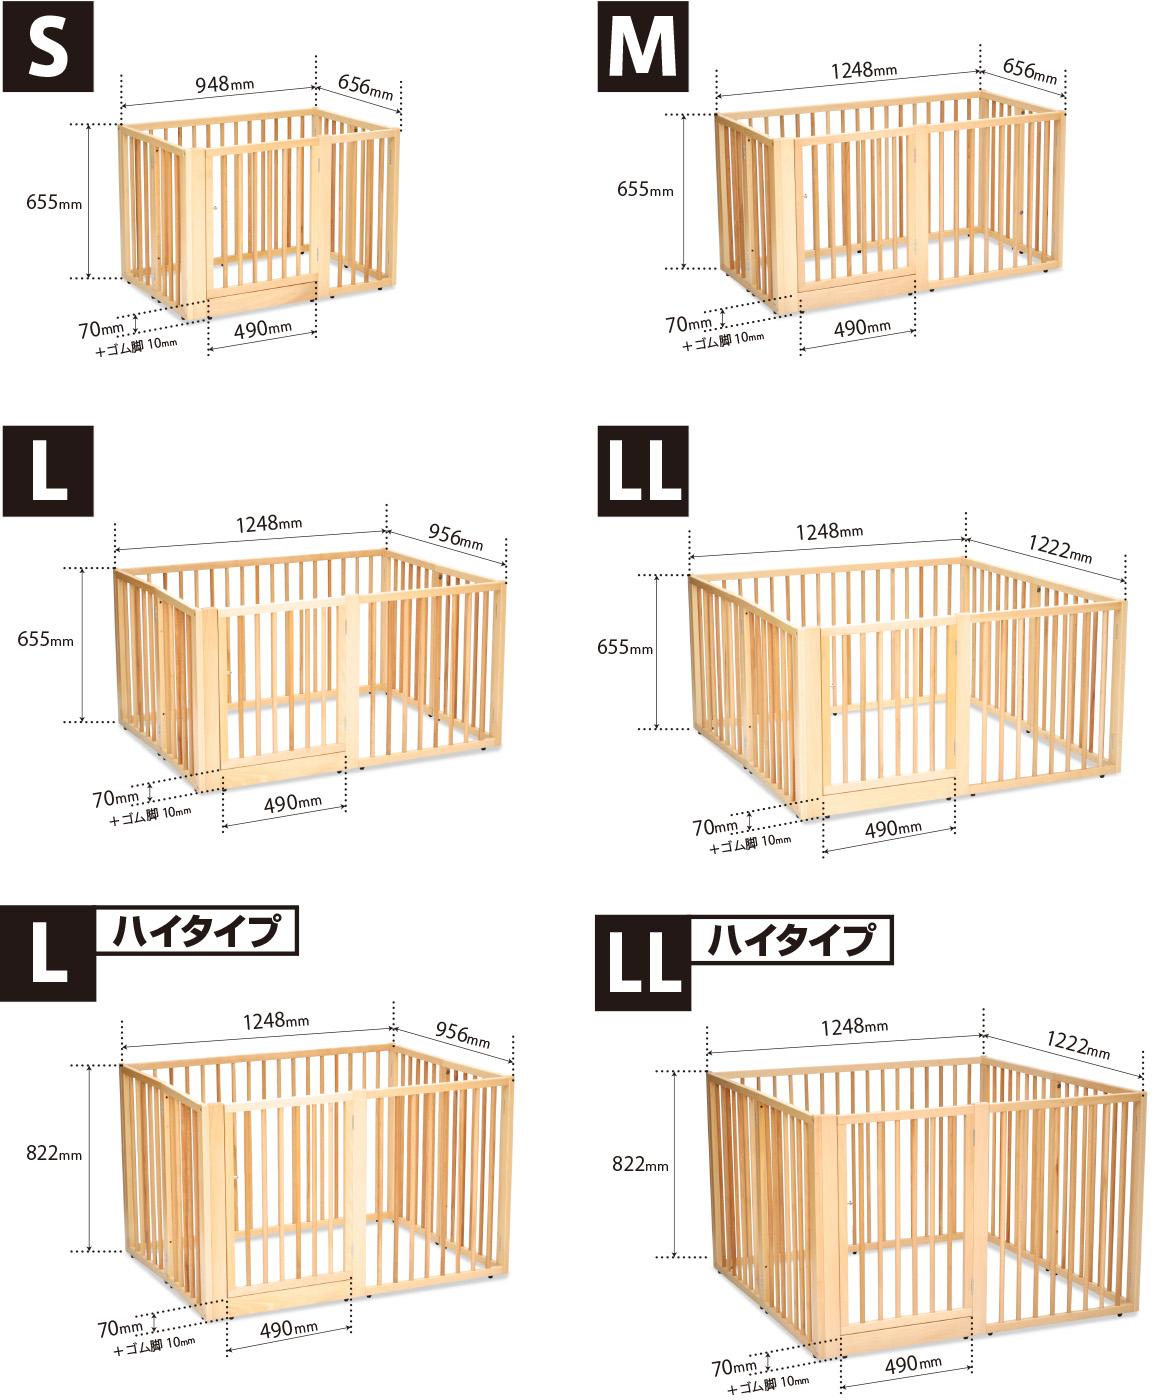 「木製ワンタッチペットサークル用 屋根(Mサイズ)」